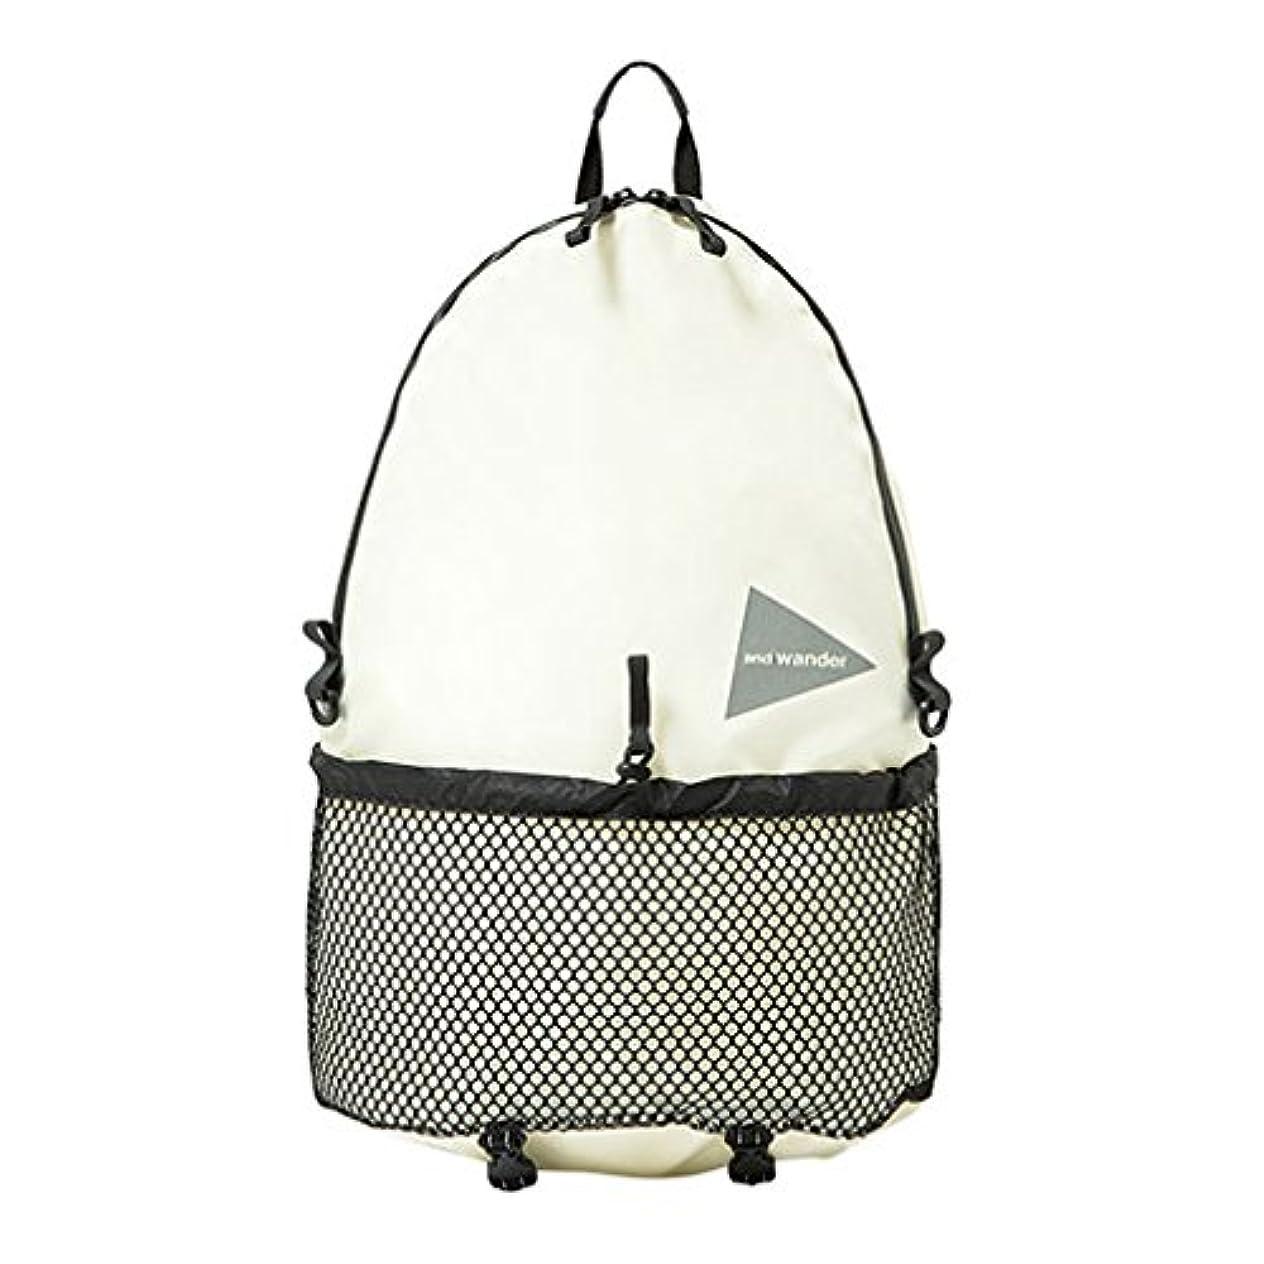 航空便メガロポリス苦情文句アンドワンダー 20L バックパック 20L 軽量 防水 コーデュラナイロン 20L backpack AW-AA990